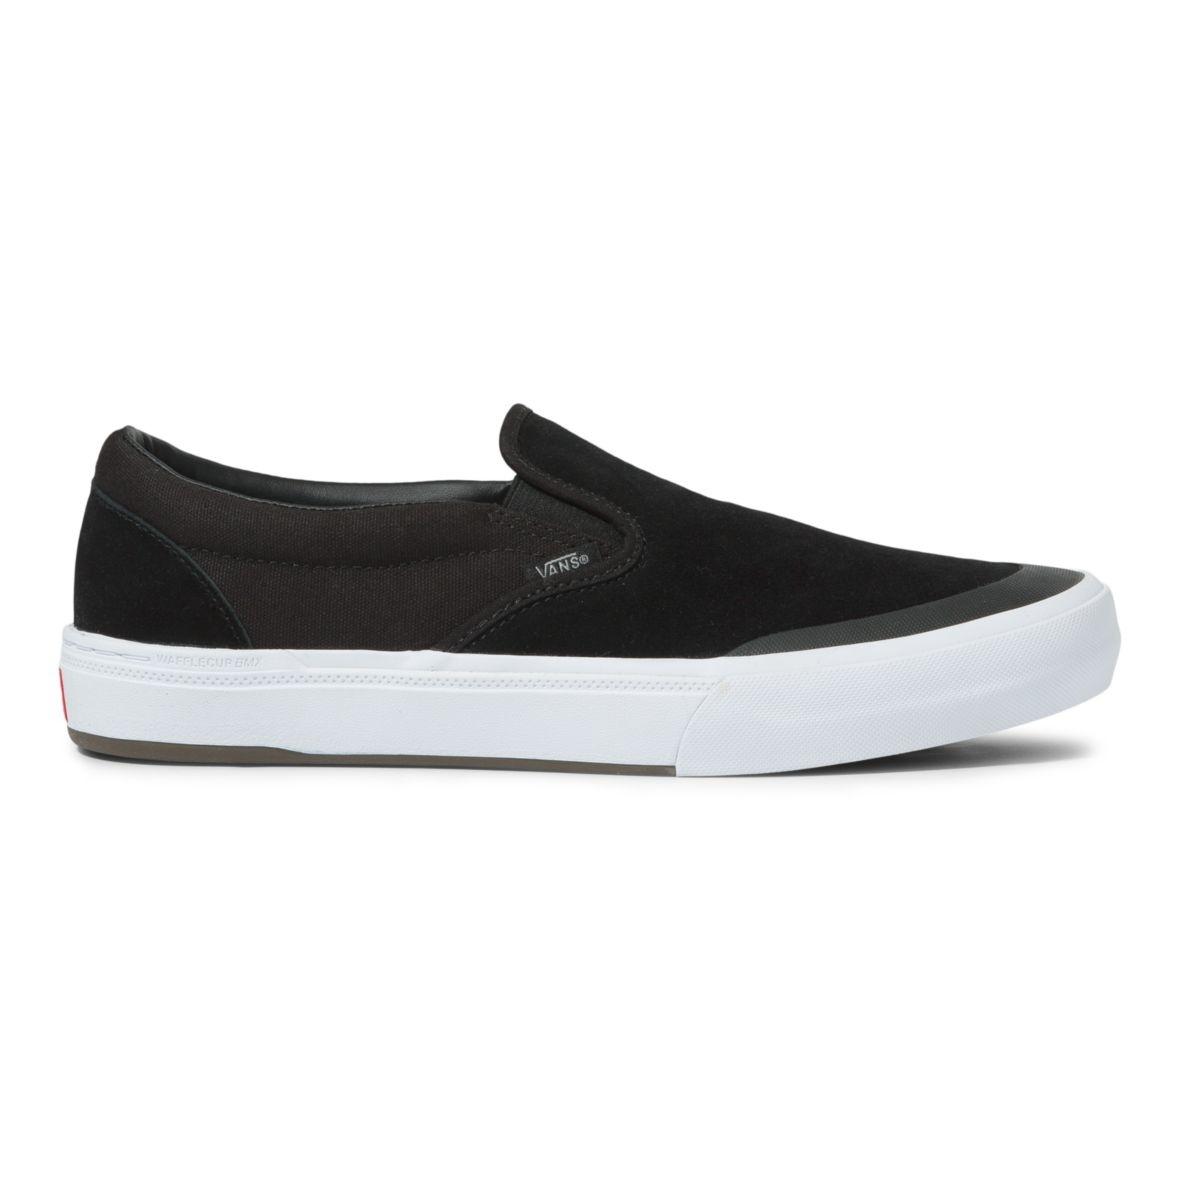 Vans BMX Slip On Shoe - Black/Gray/White